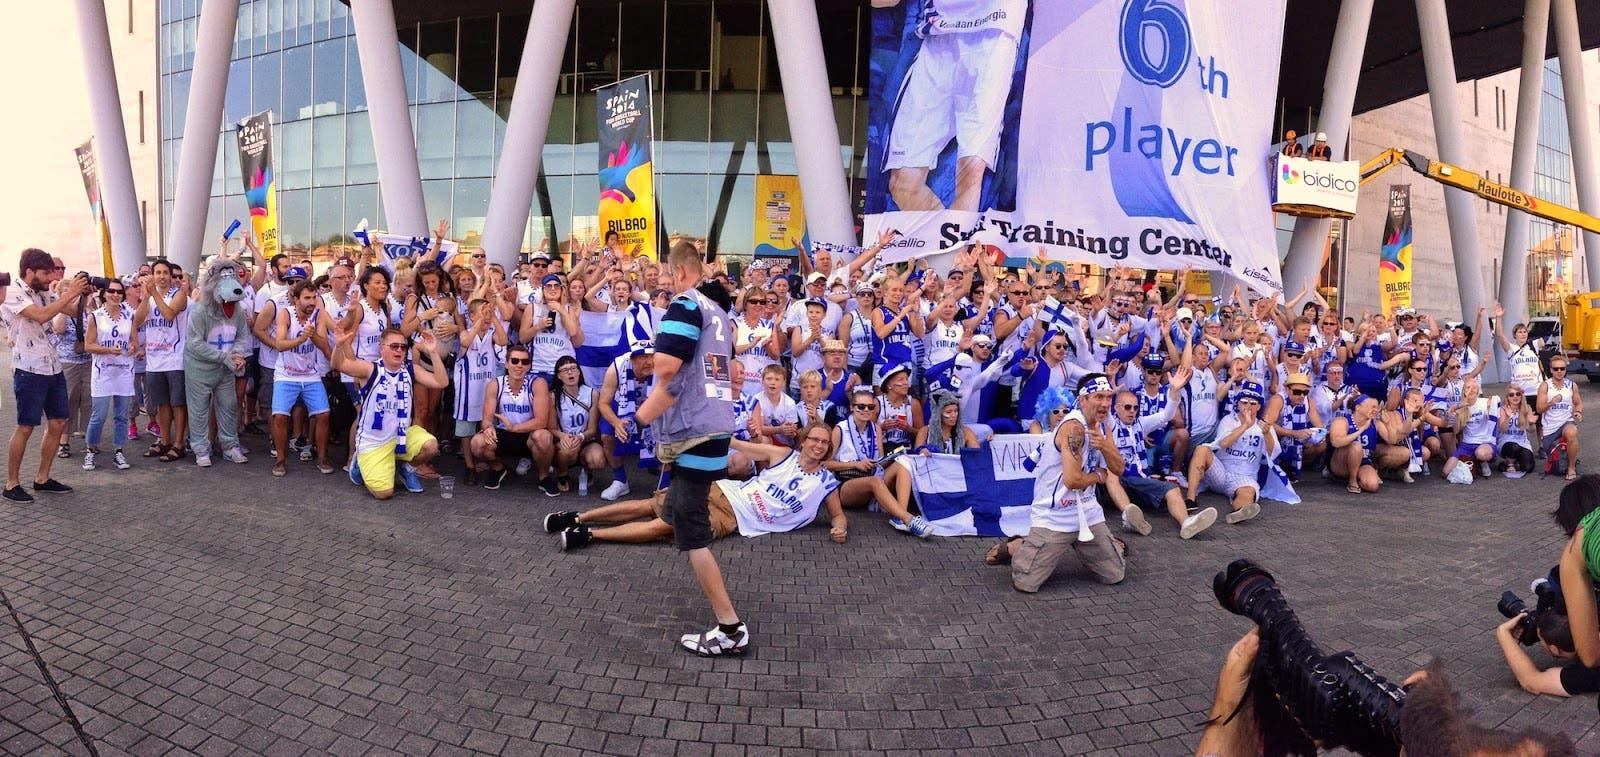 Los aficionados finlandeses agradecen el trato recibido durante el Mundial